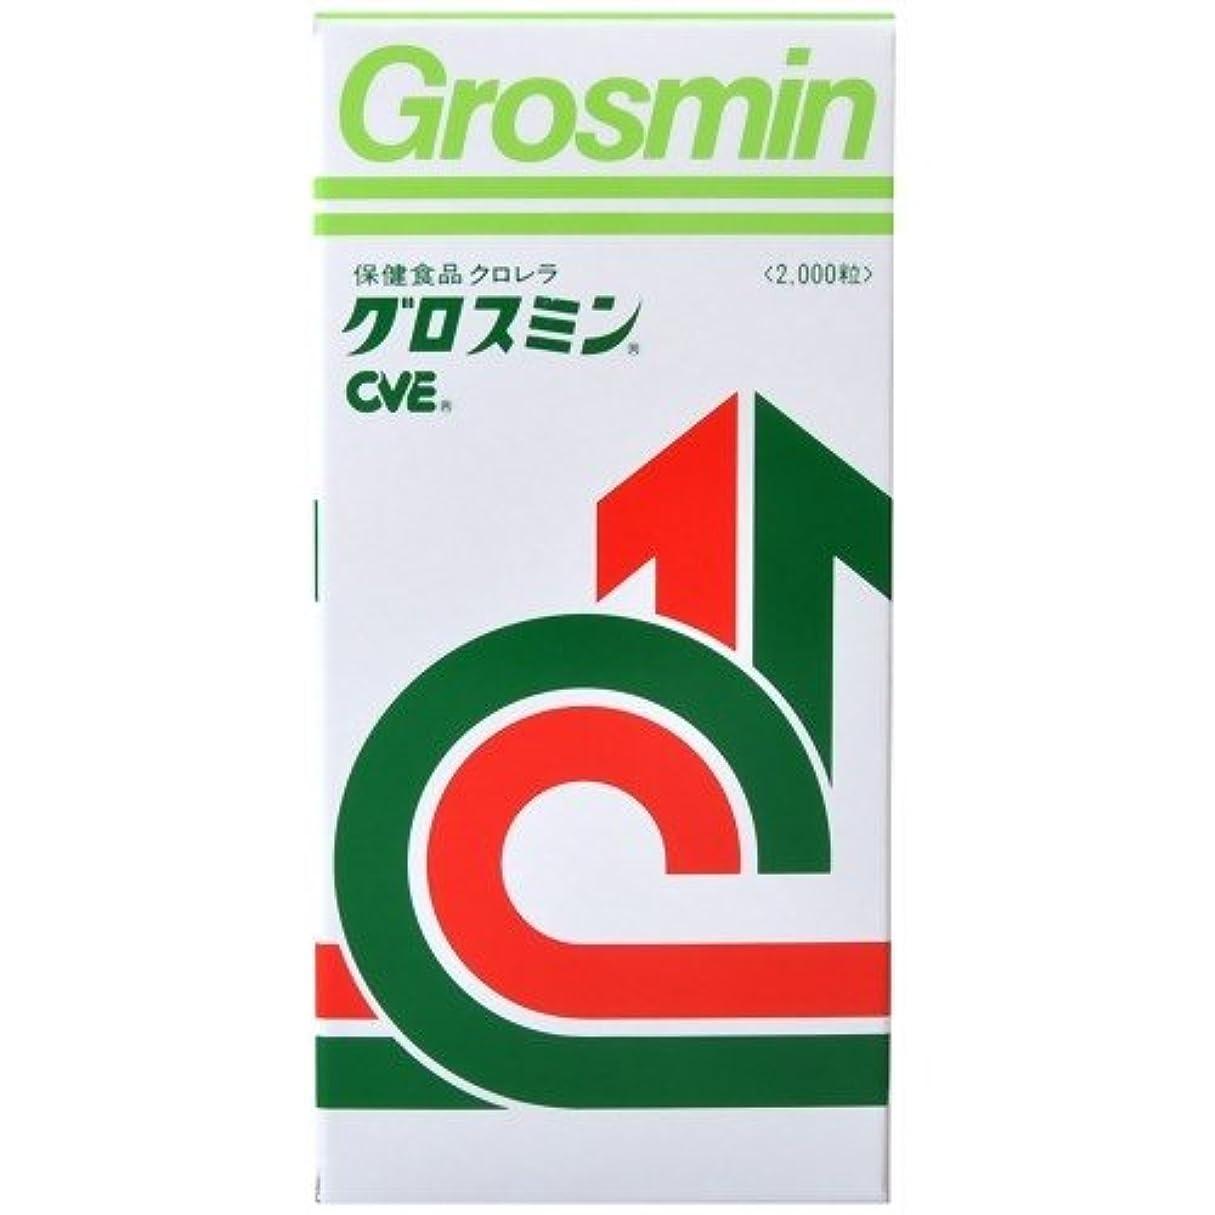 ナイトスポット大宇宙専制グロスミン 2000粒